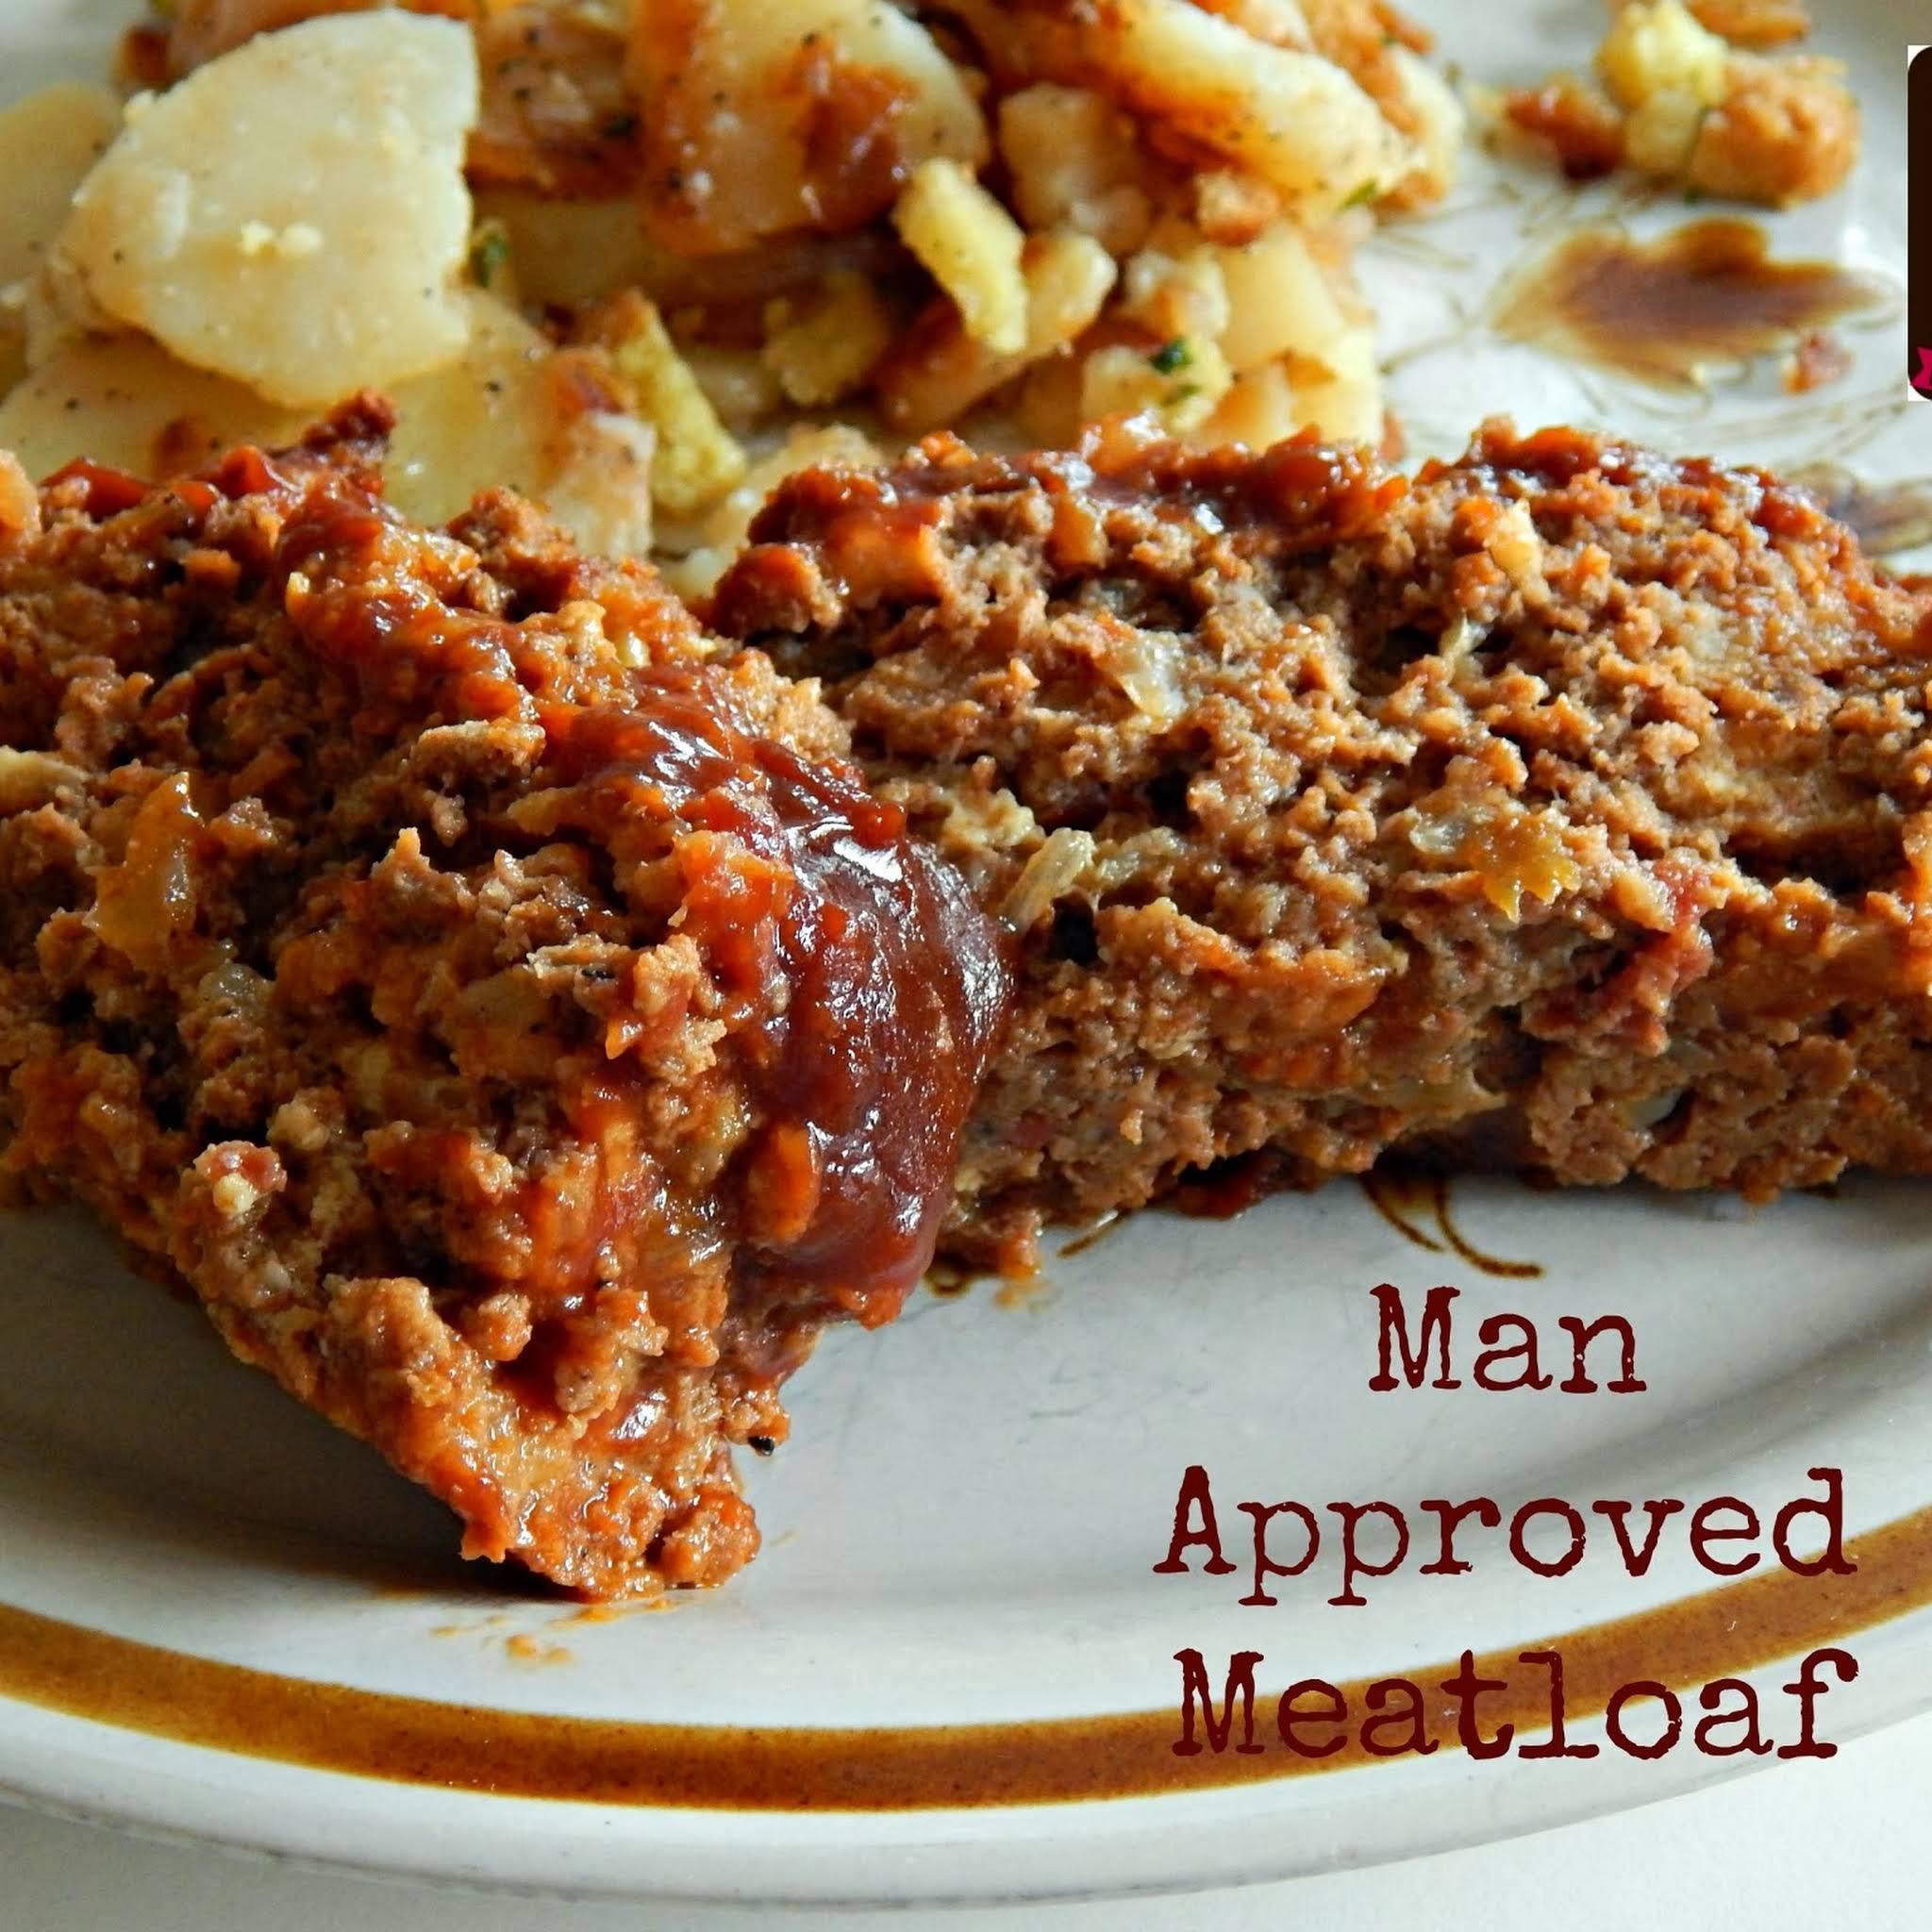 Man  granted Meatloaf